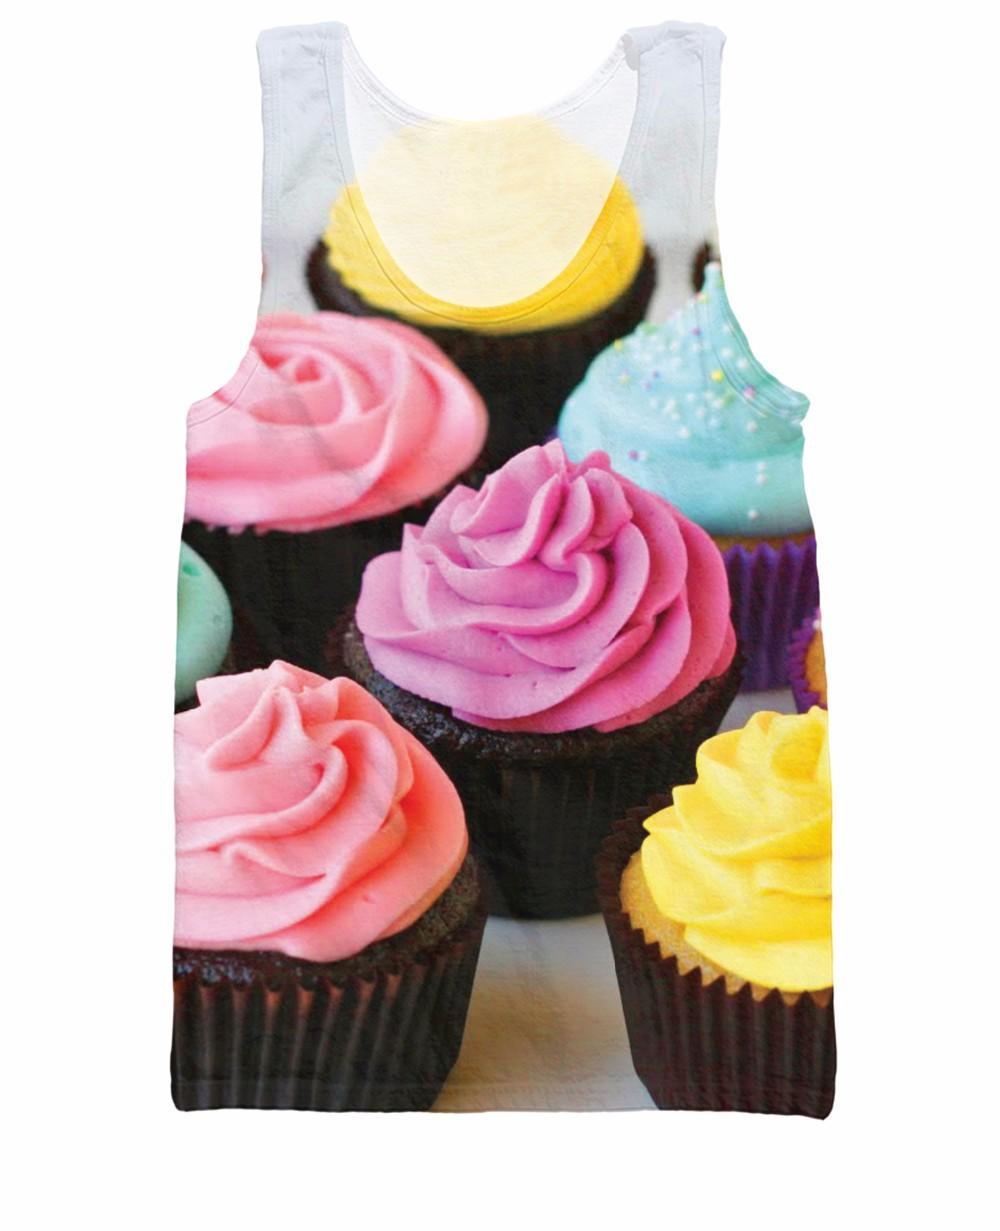 AOPTT0545U_Cupcakes_Mockup